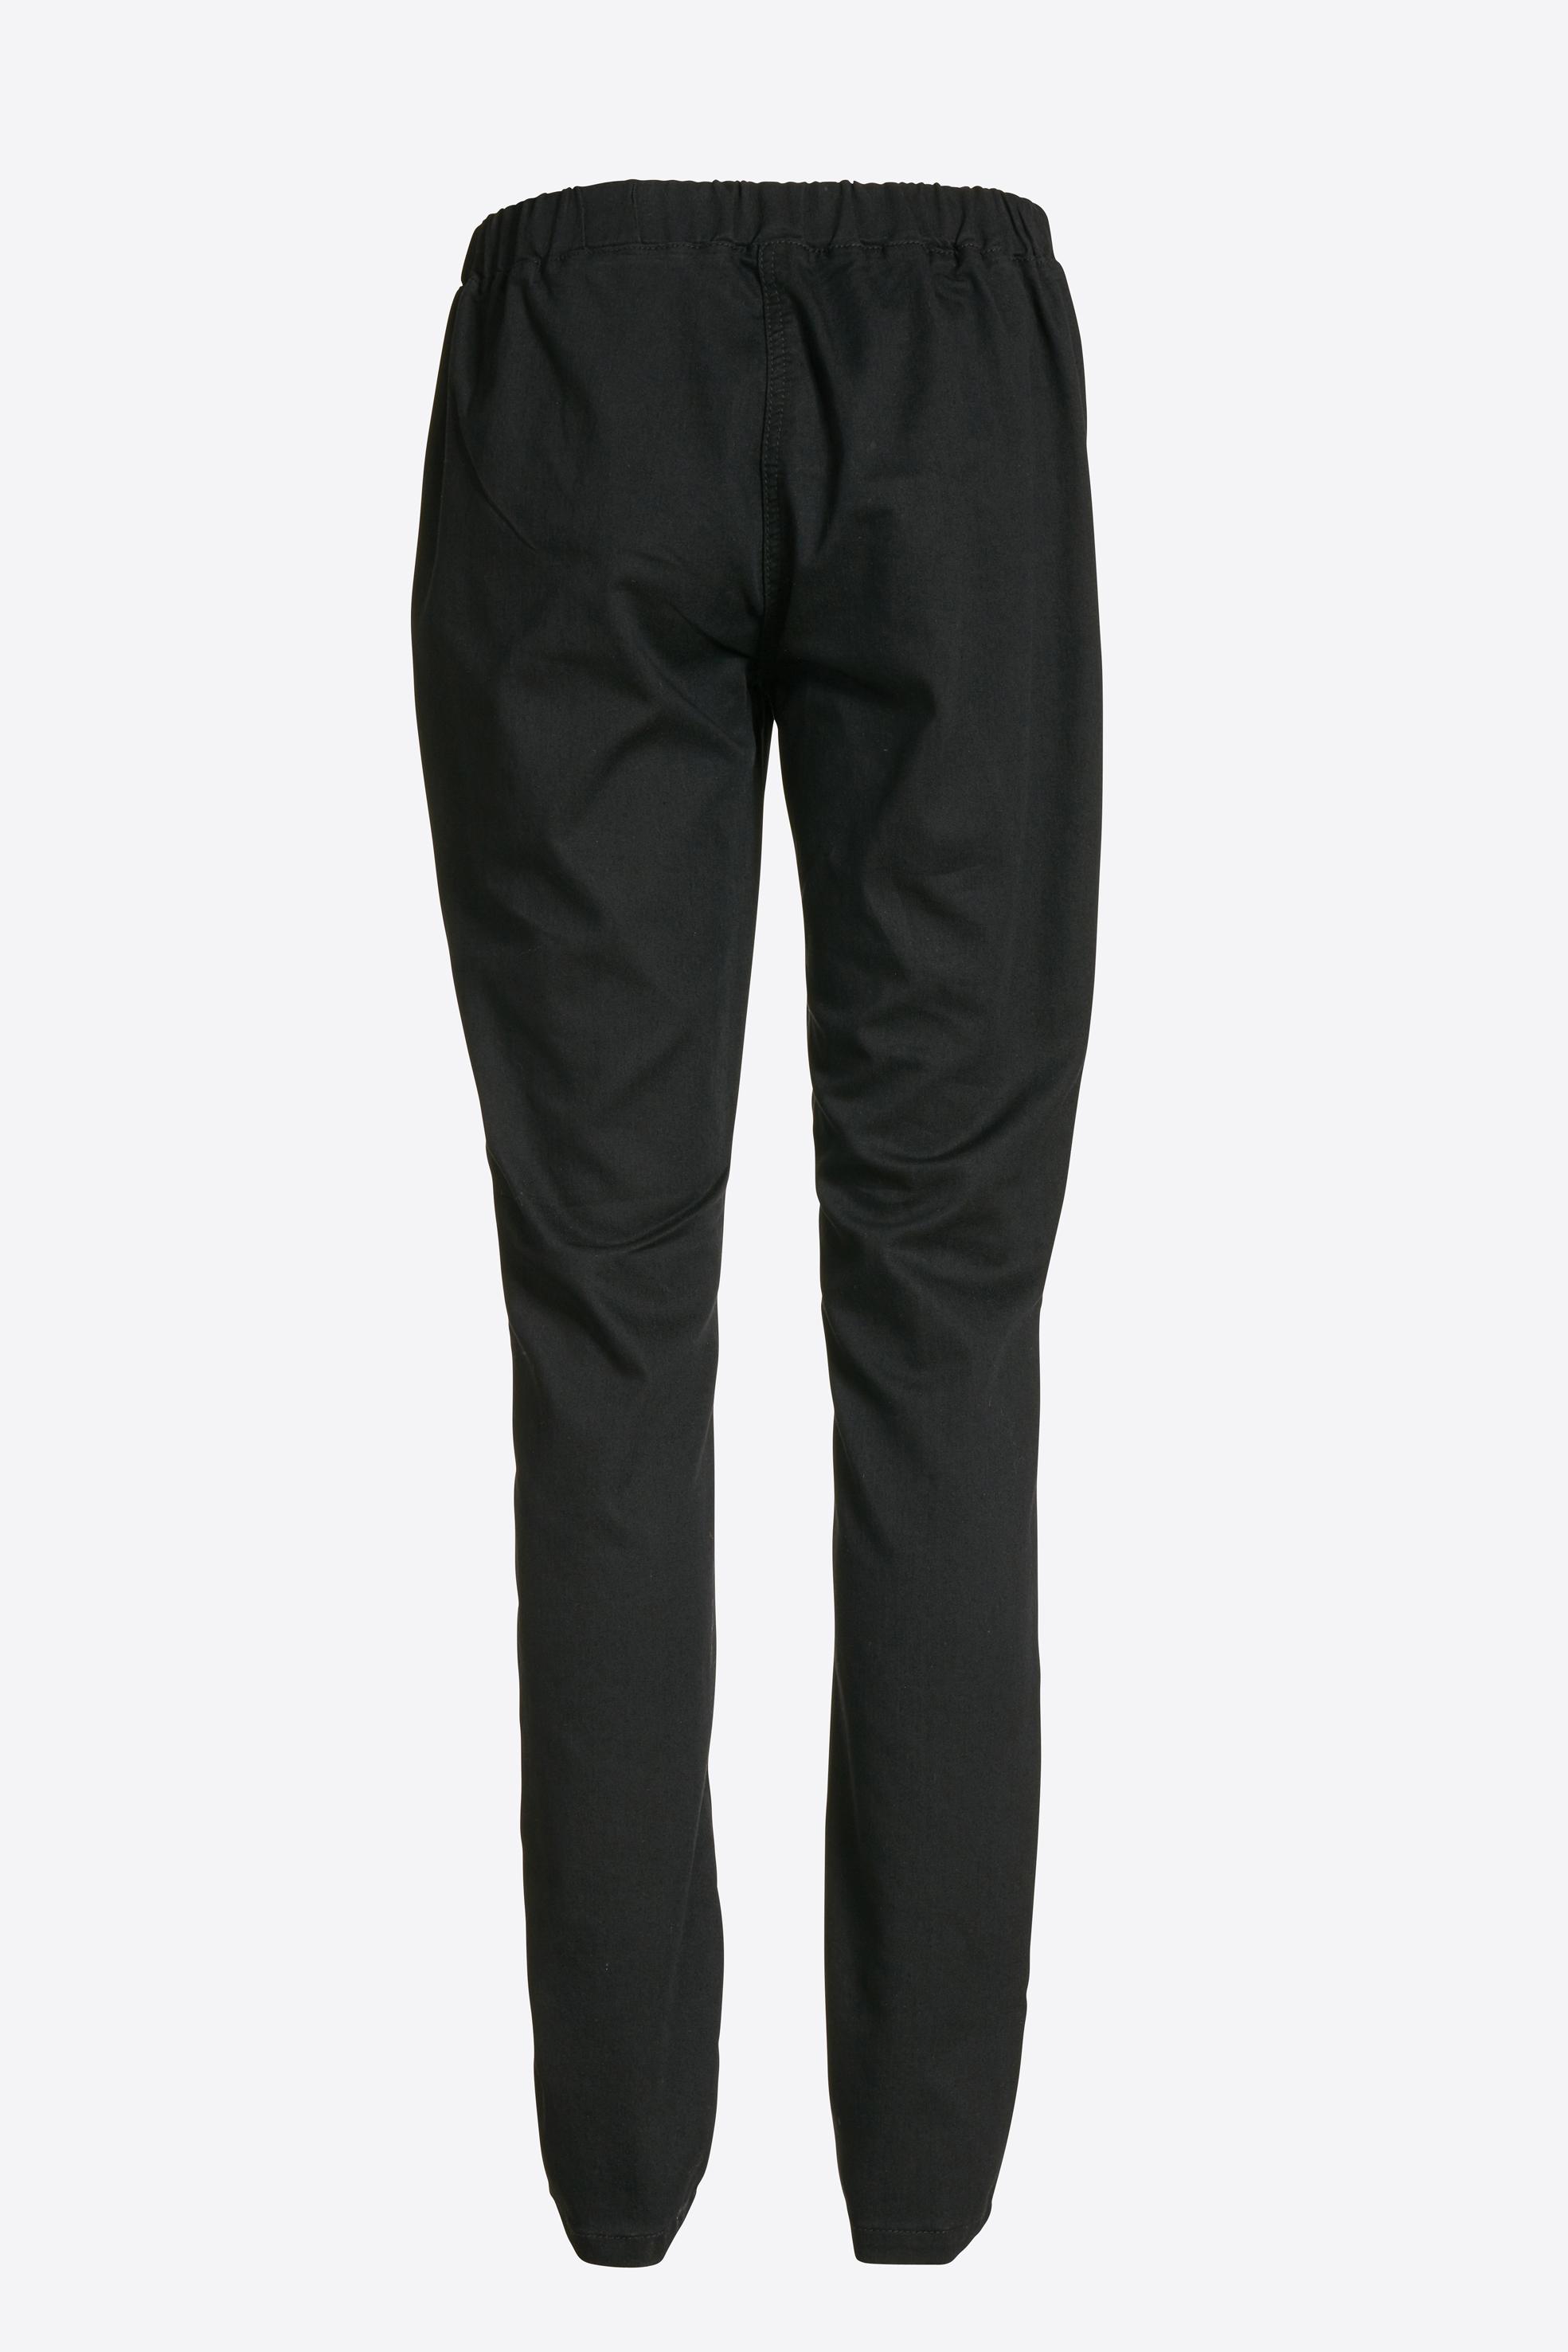 Schwarz Leggings von Bon'A Parte – Shoppen Sie Schwarz Leggings ab Gr. 34-54 hier